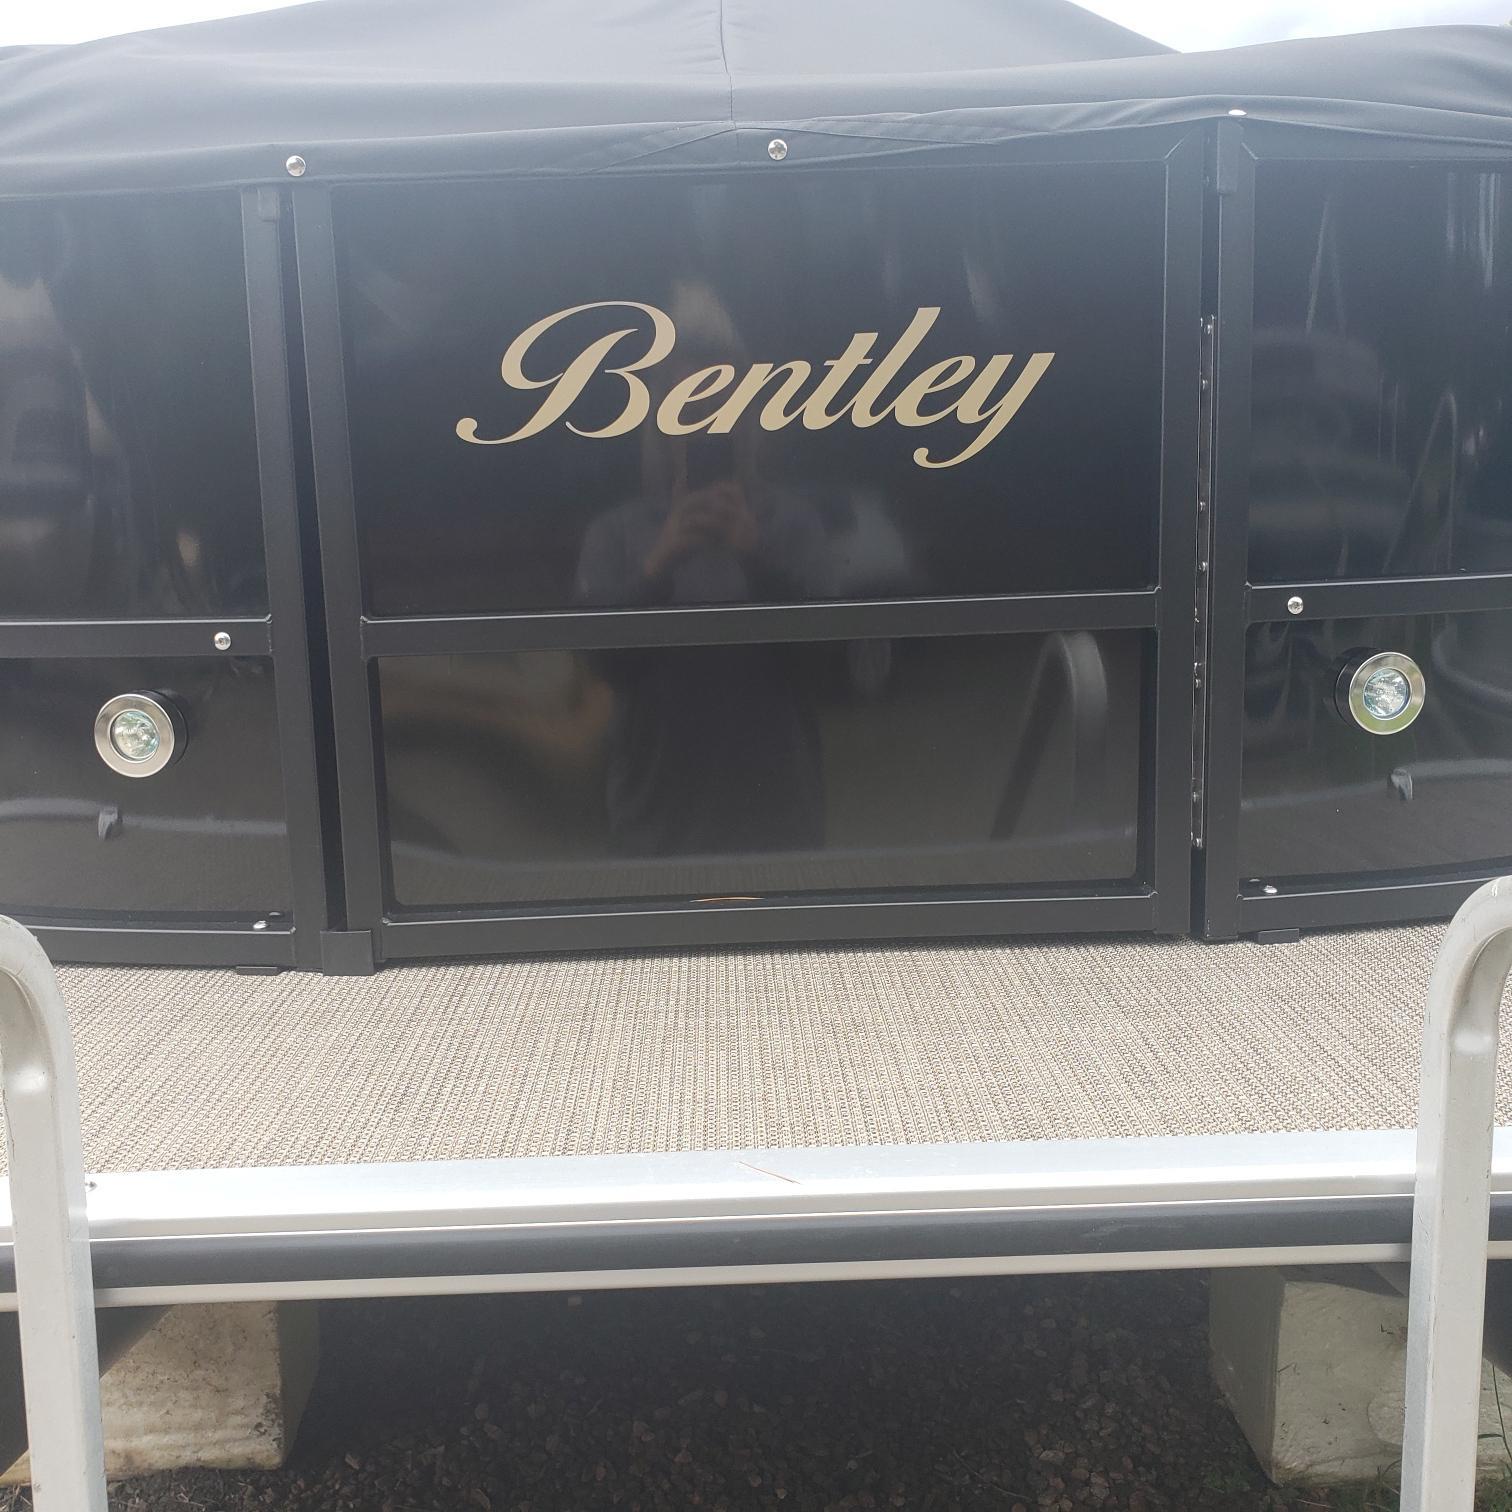 Bentley 220 Cruise